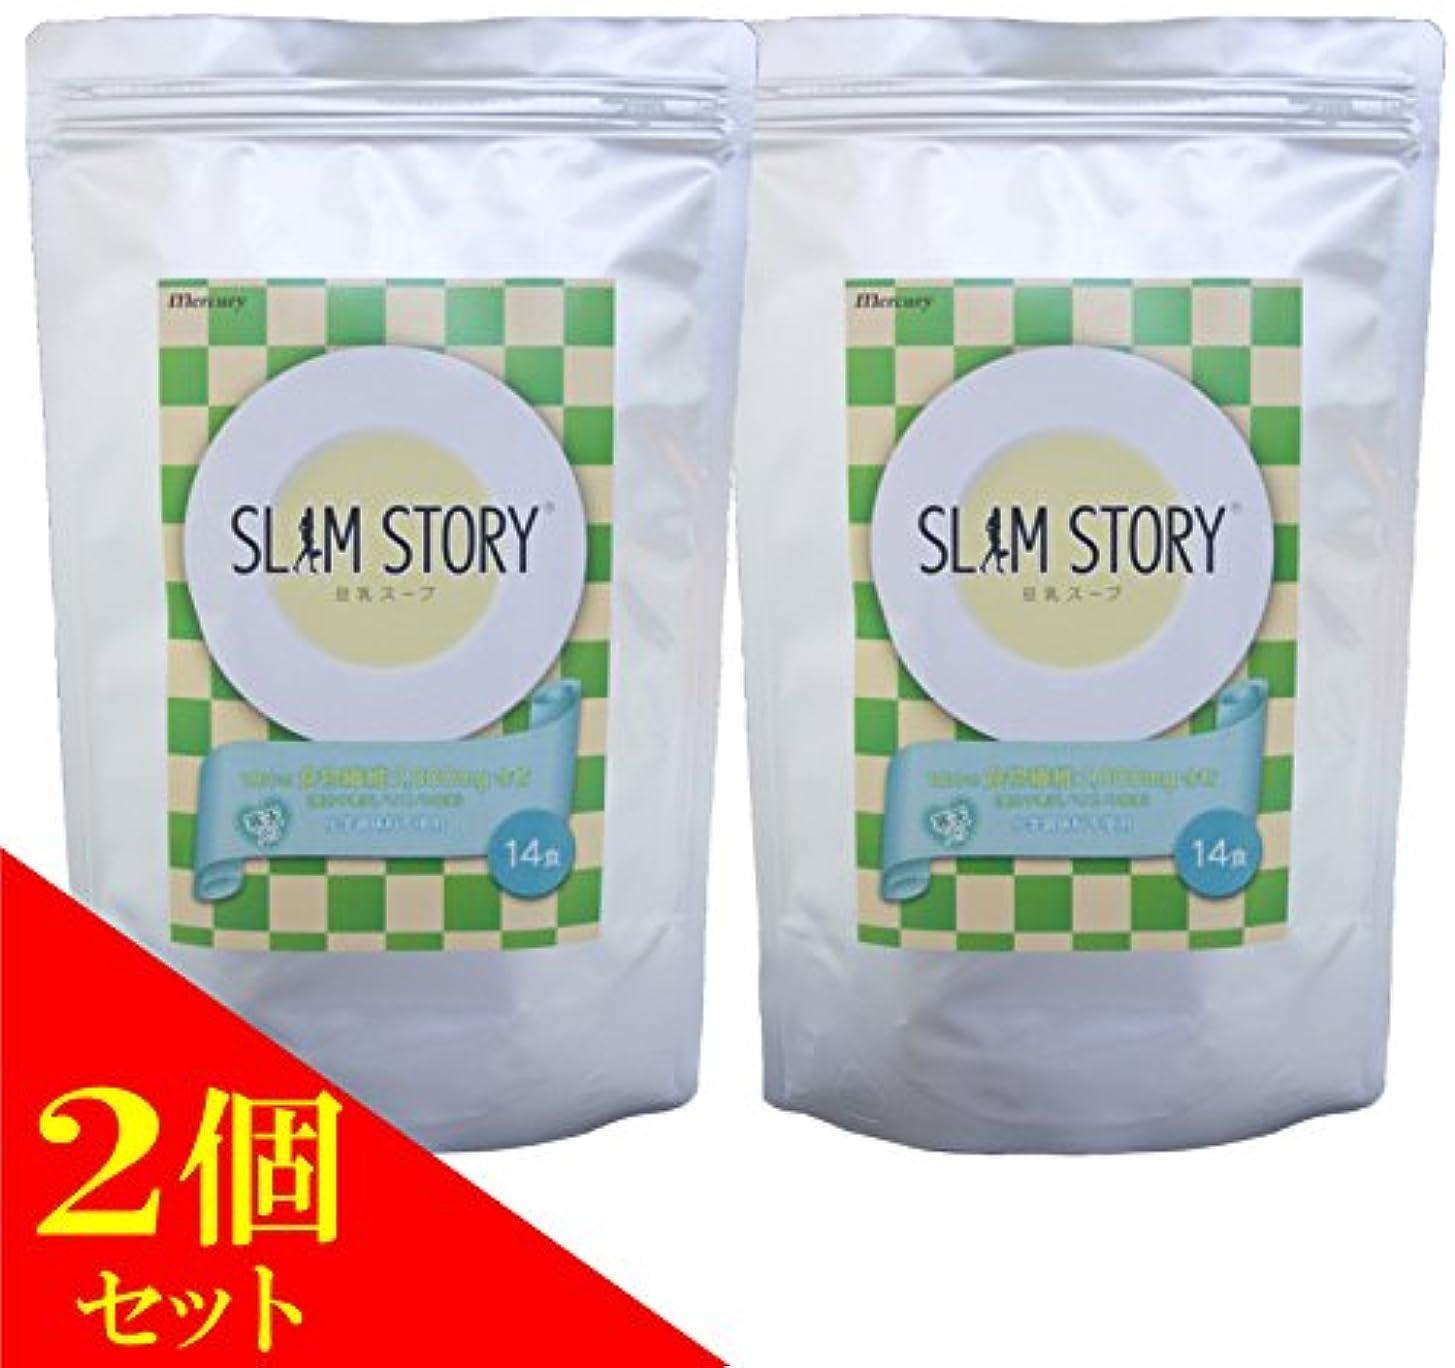 創造認知協力する(2個)マーキュリー SLIM STORY 豆乳スープ 14食×2個セット/化学調味料 不使用(4947041155176)